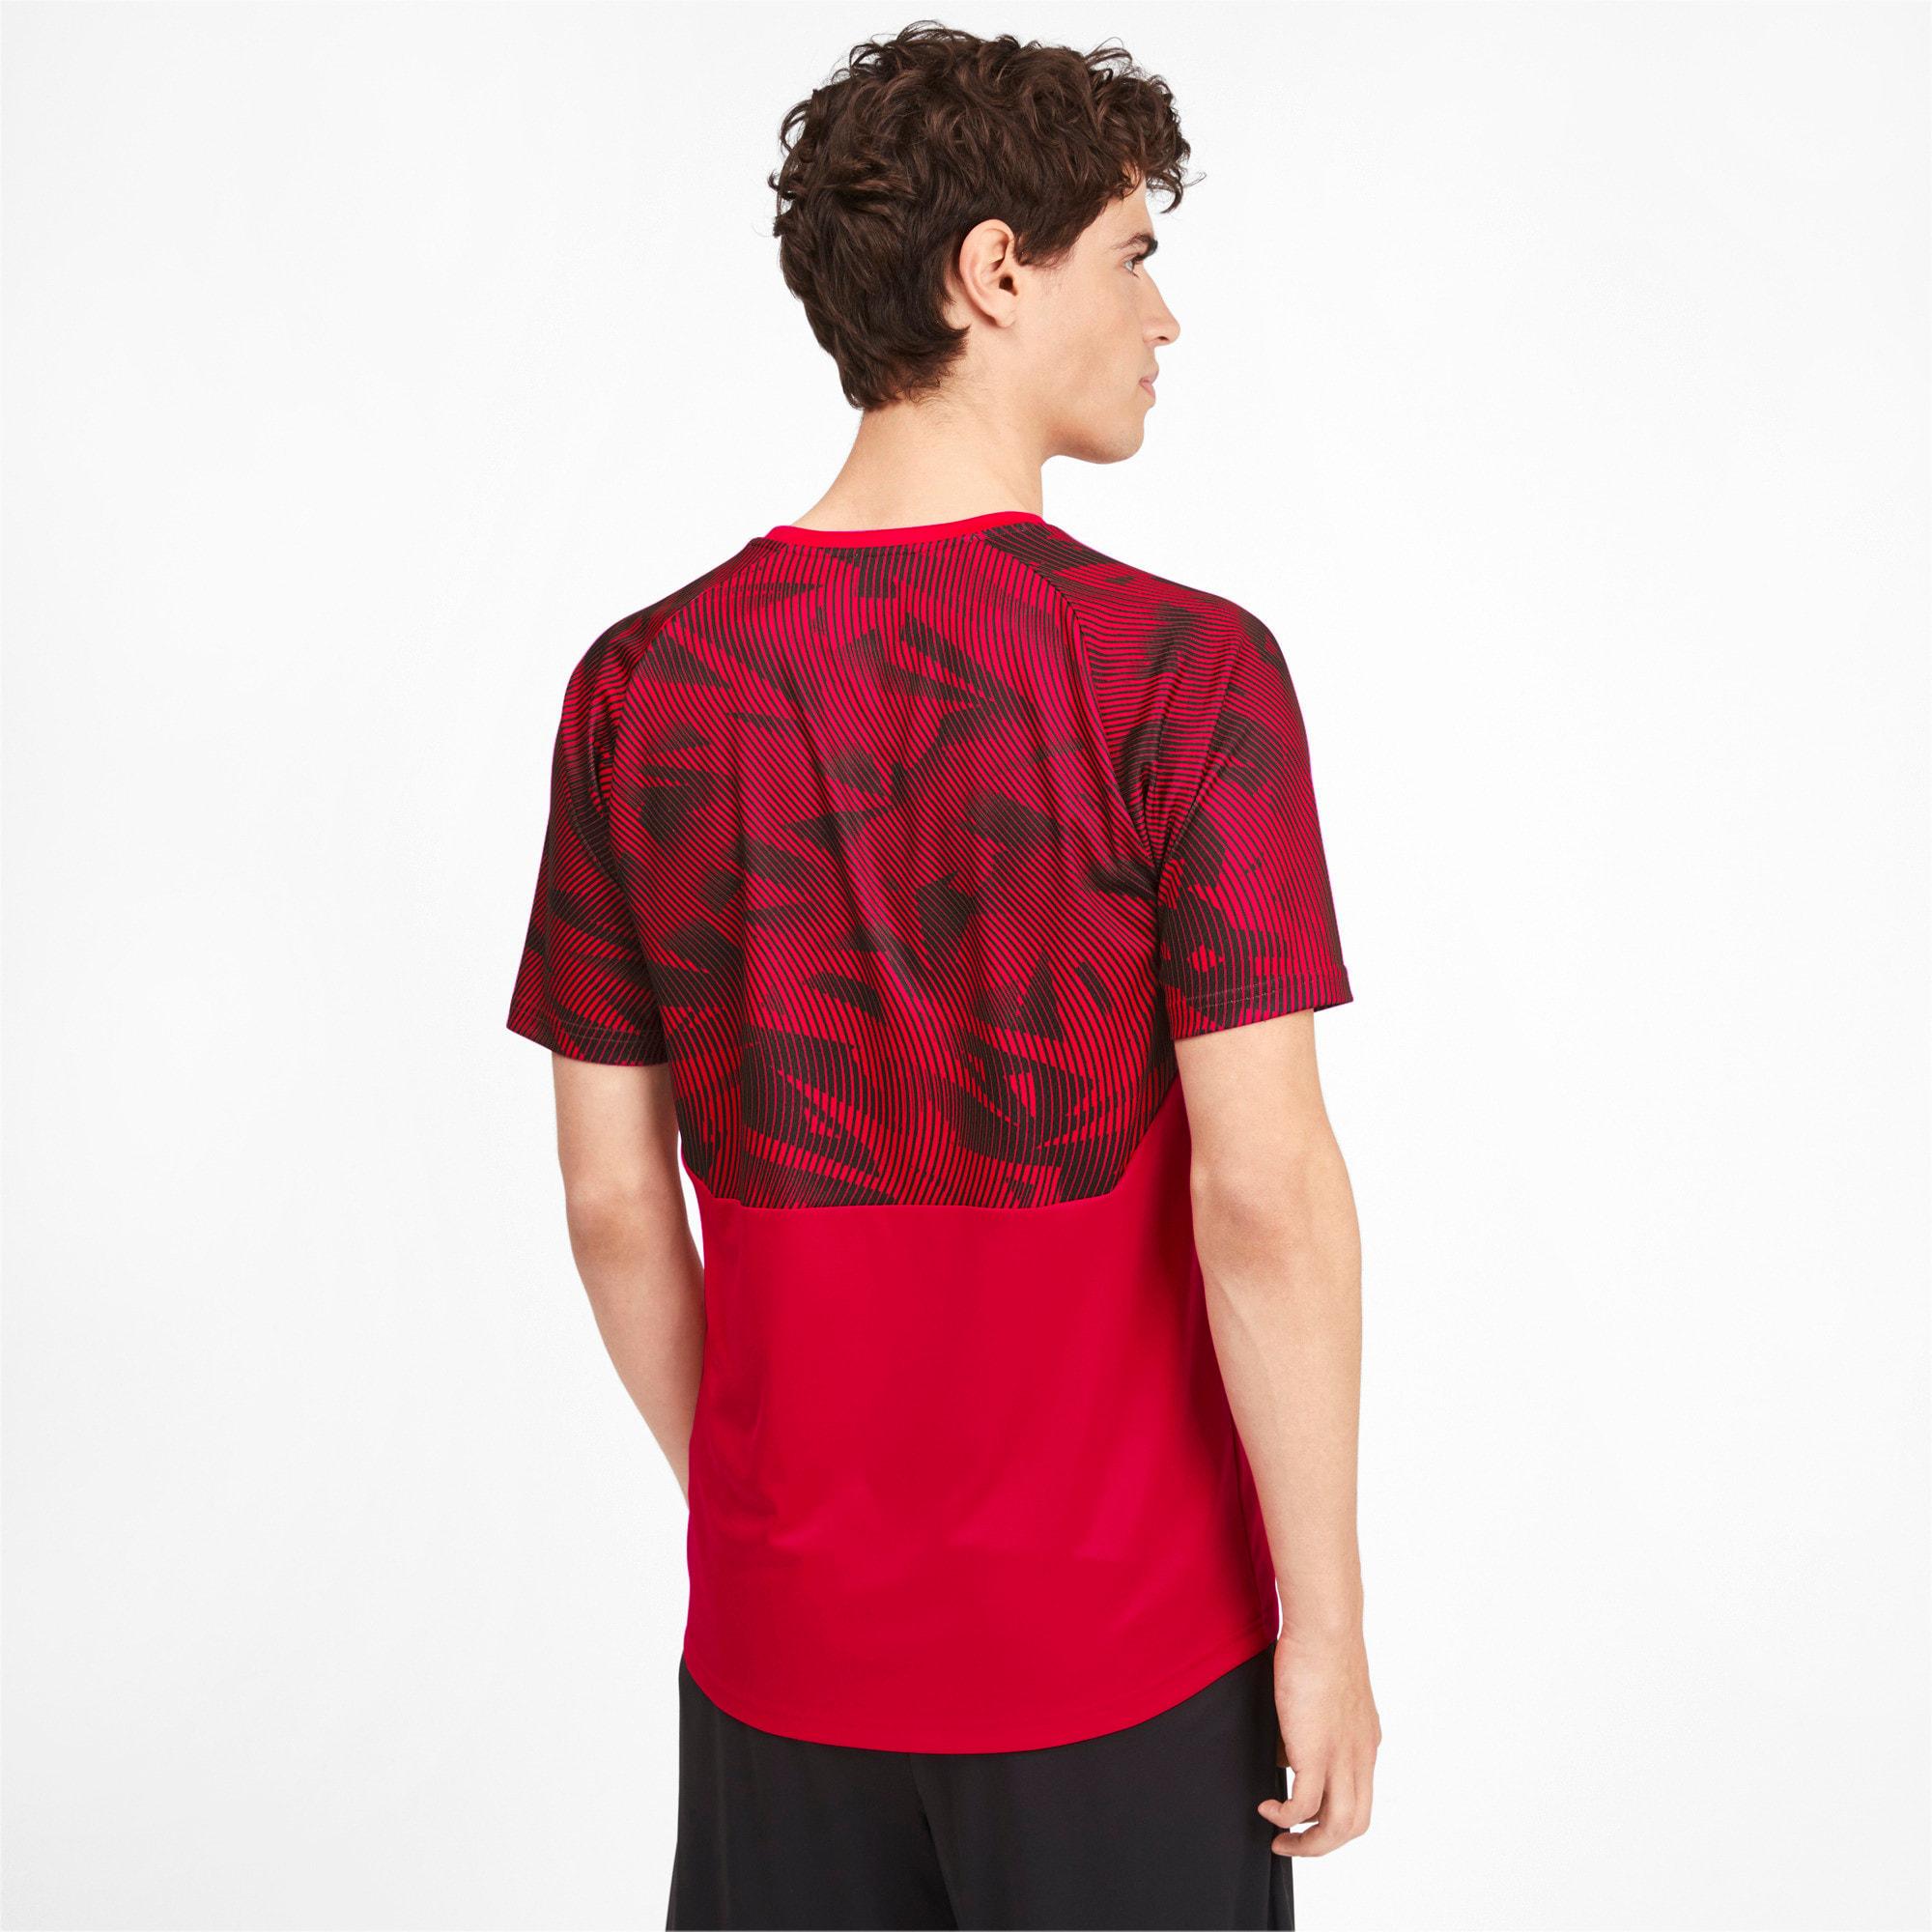 Miniatura 2 de Camiseta de entrenamiento AC Milan para hombre, Tango Red -Puma Black, mediano